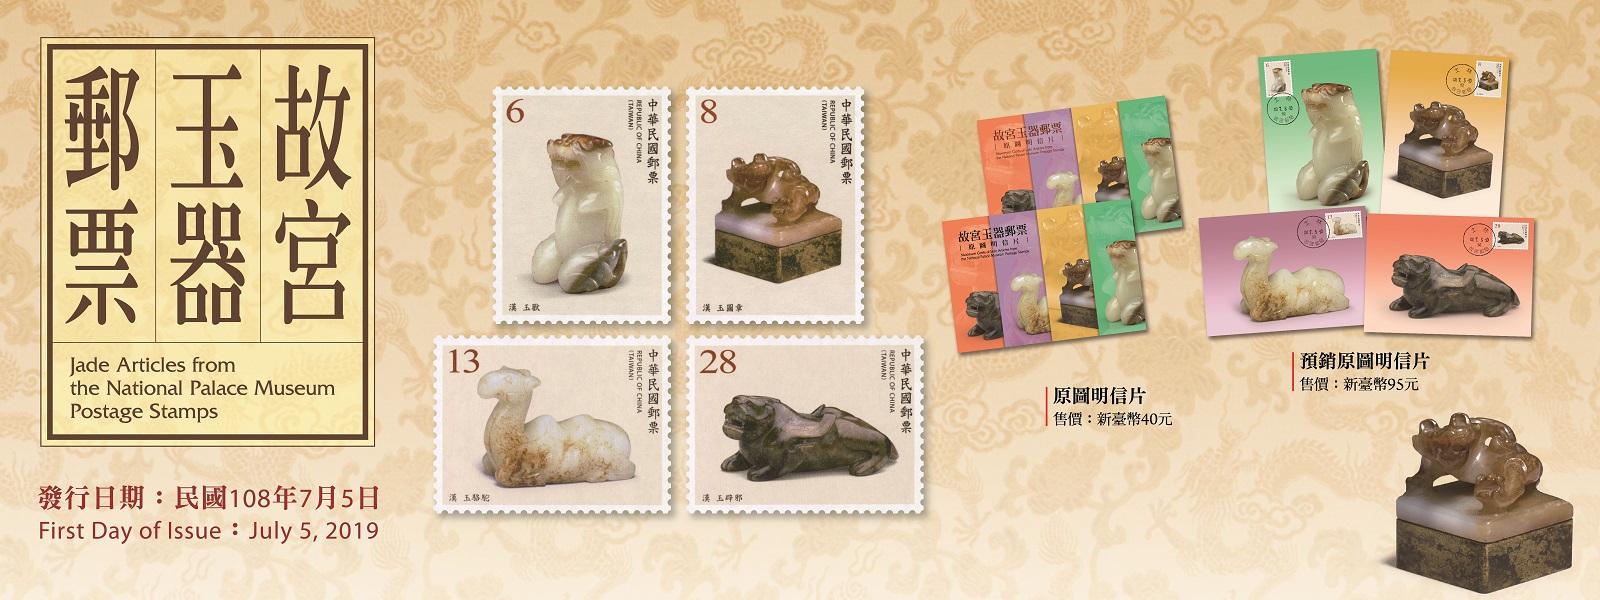 廣告連結:常148 故宮玉器郵票(另開視窗)